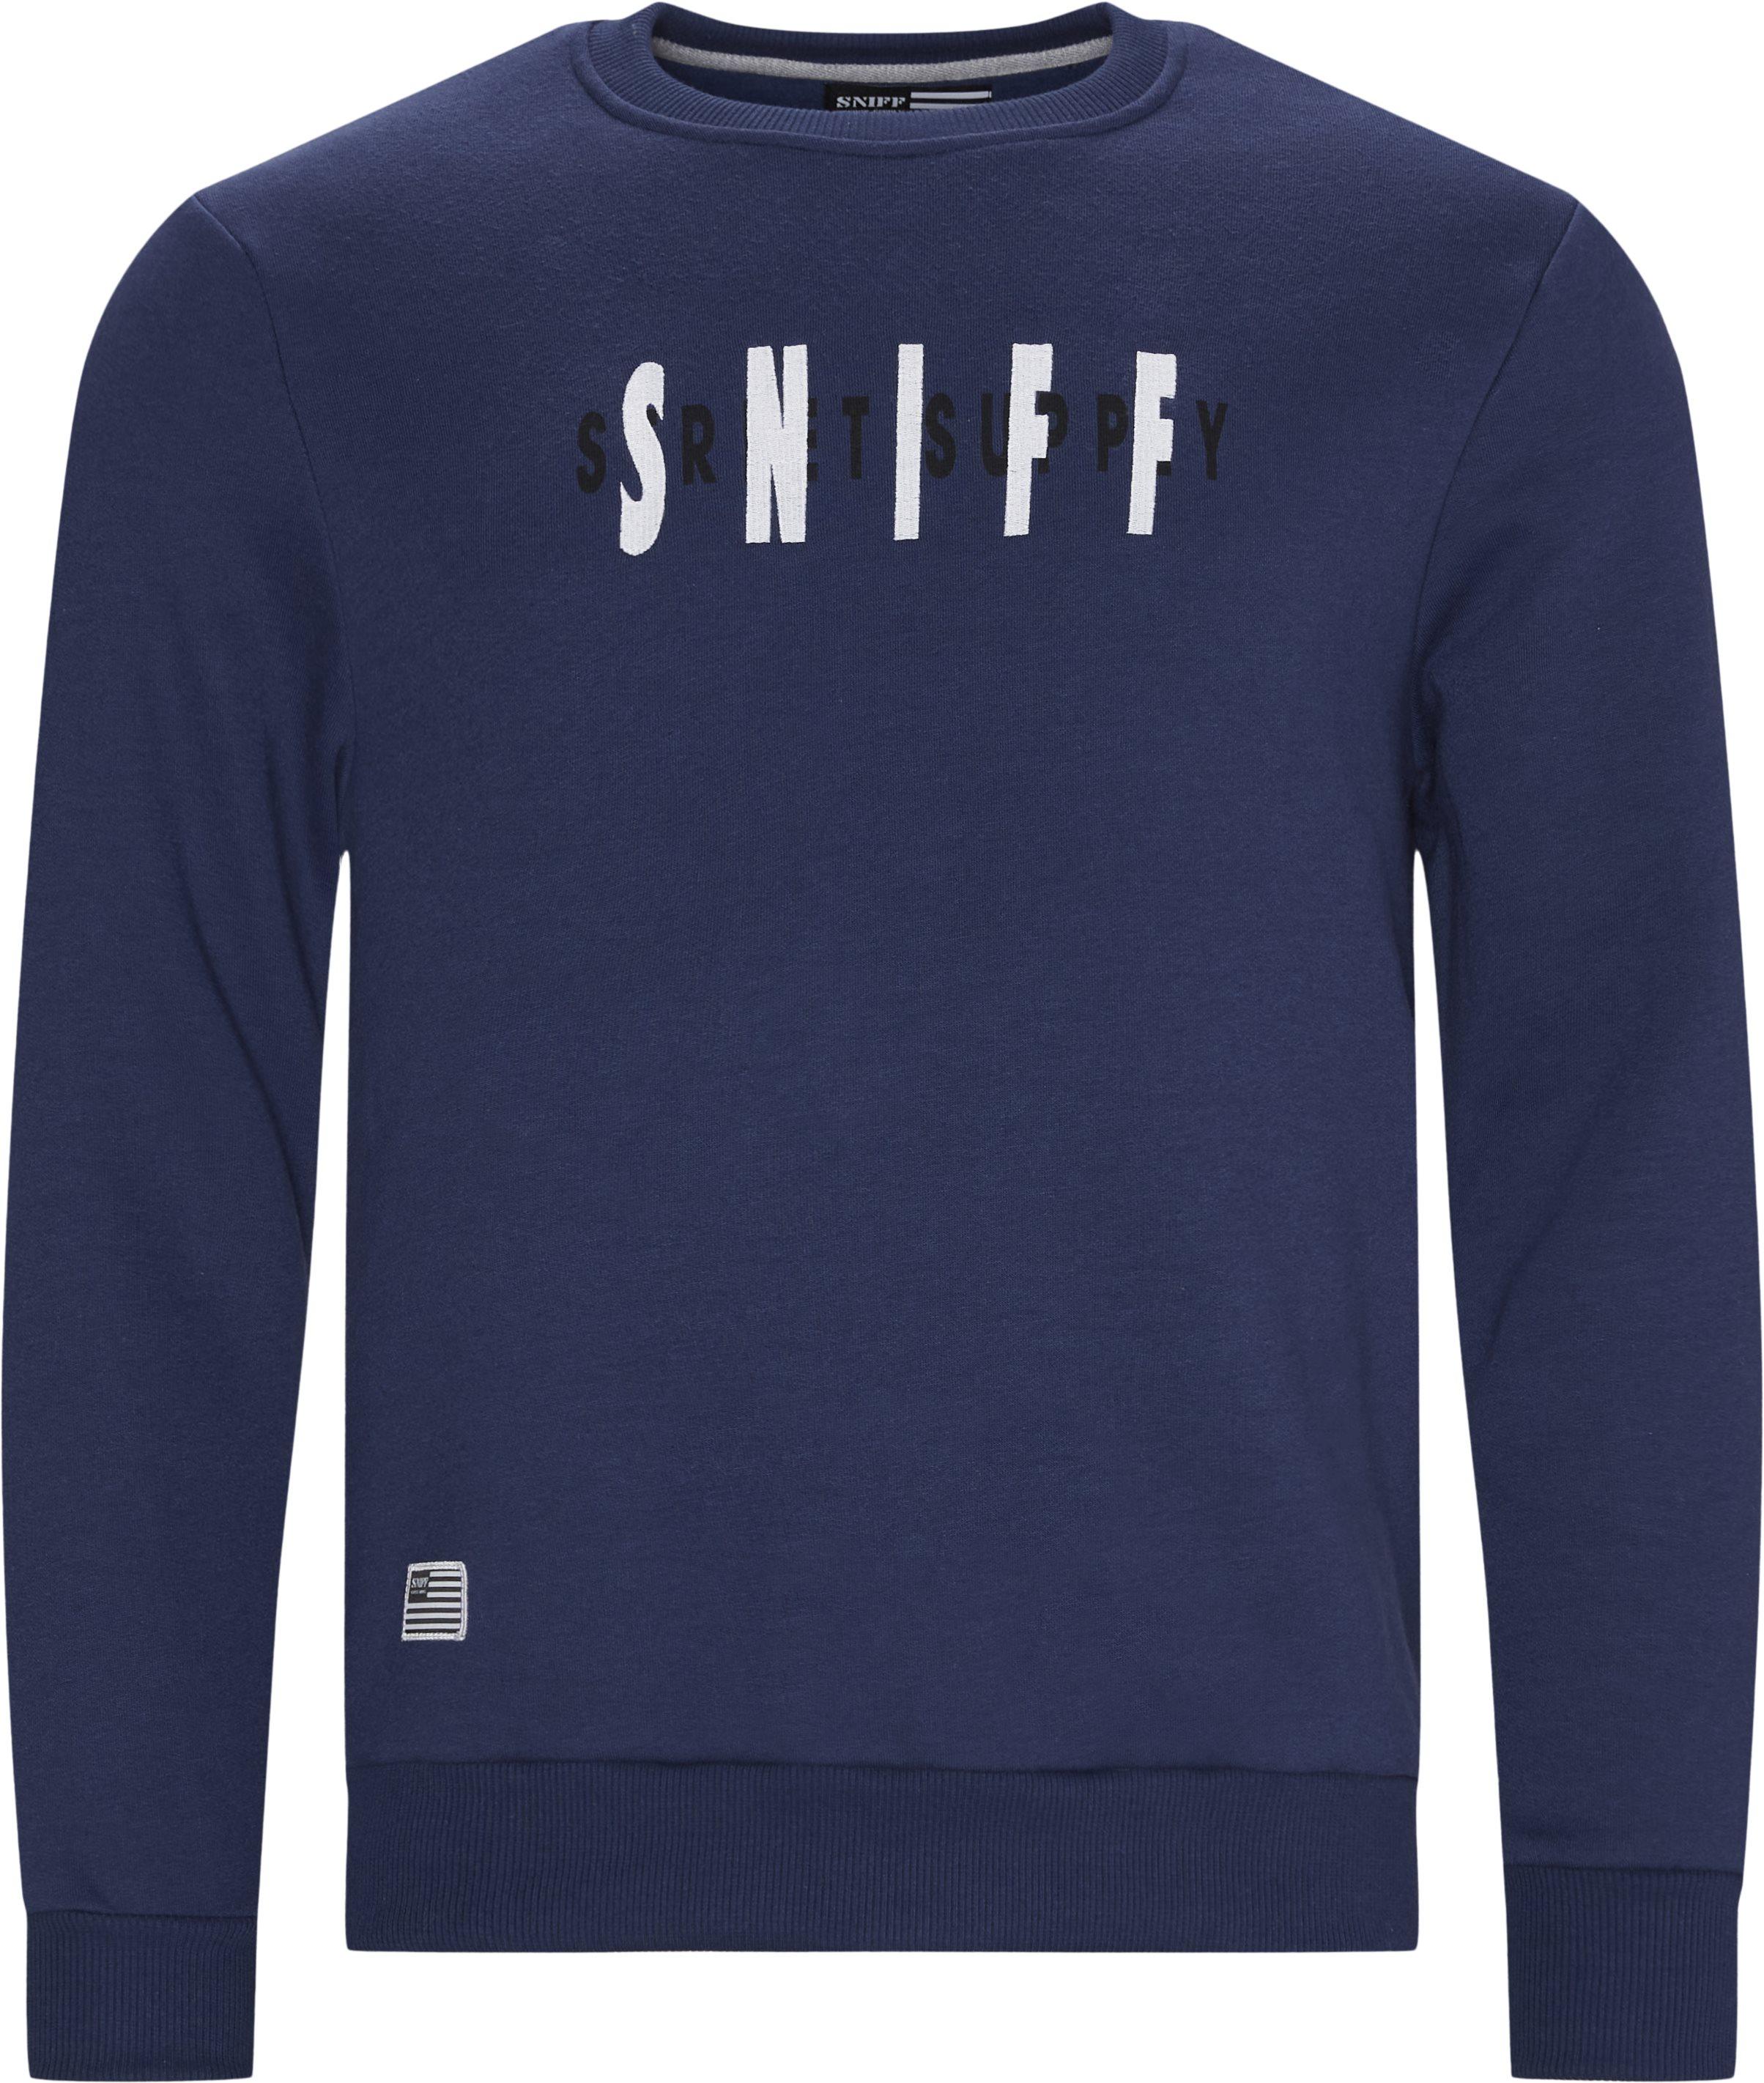 Biden Crewneck Sweatshirt - Sweatshirts - Regular - Blå